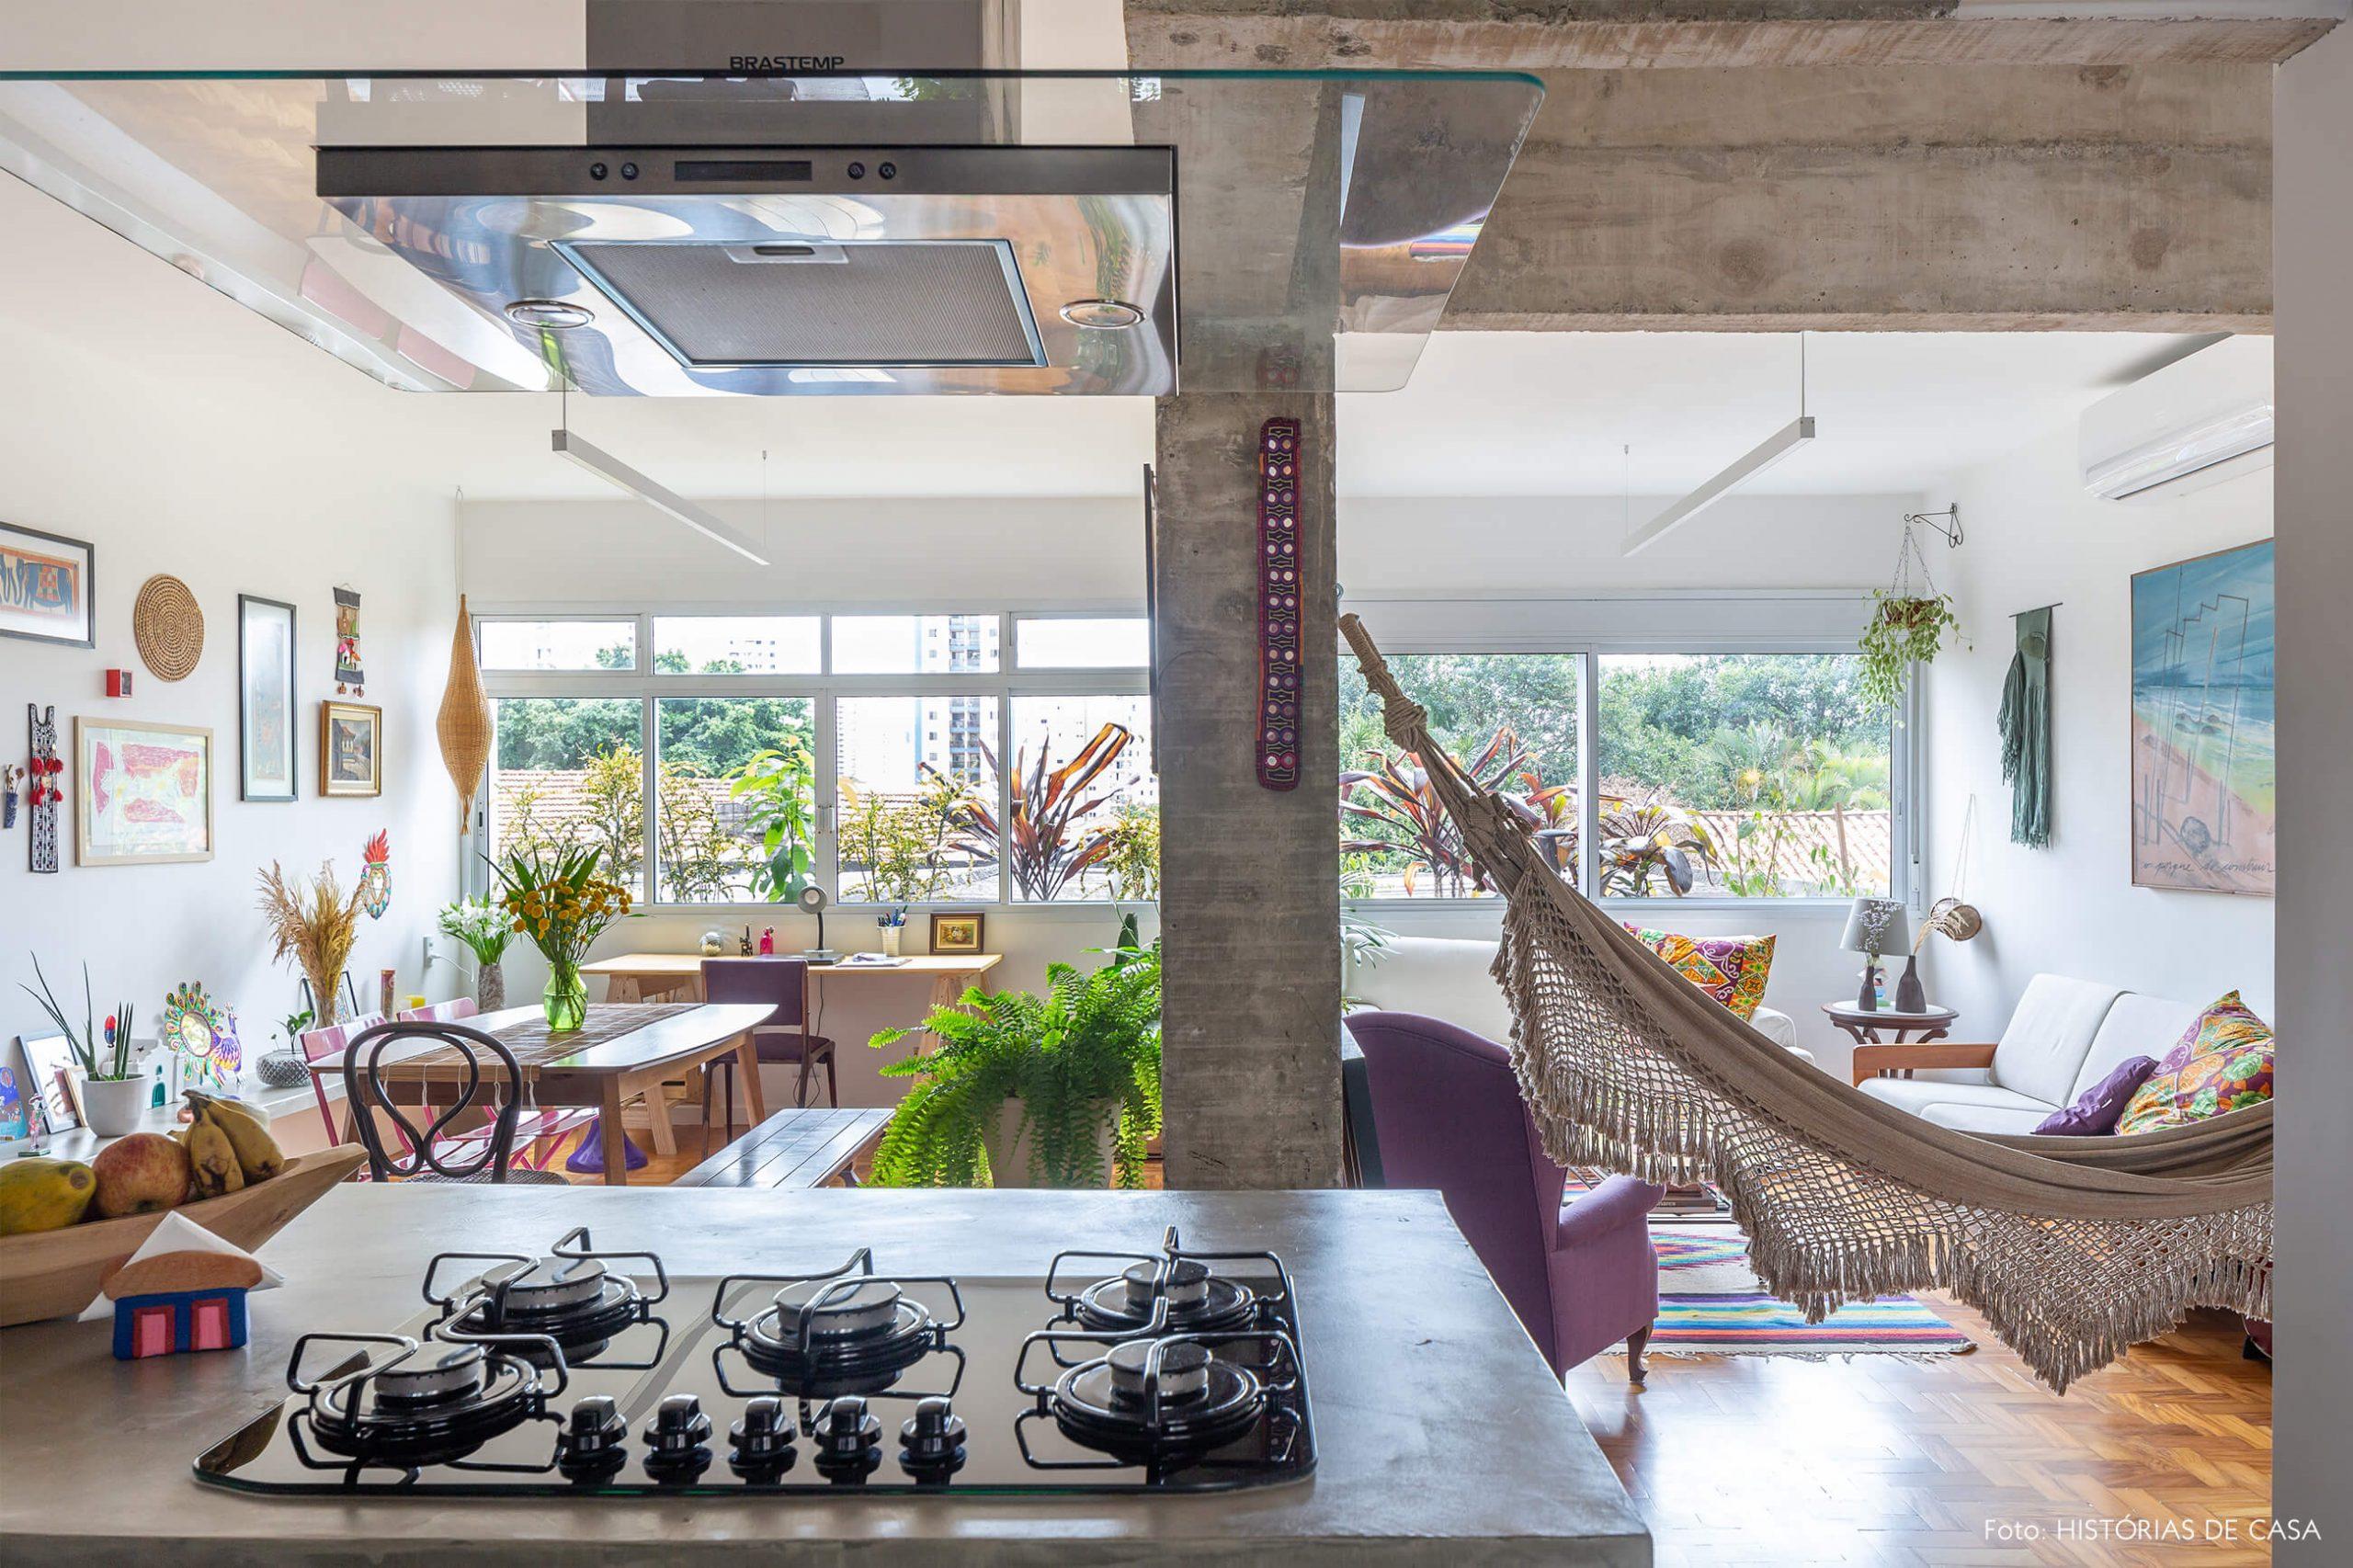 decoração cozinha com bancada de concreto e sala com chão de taco e rede